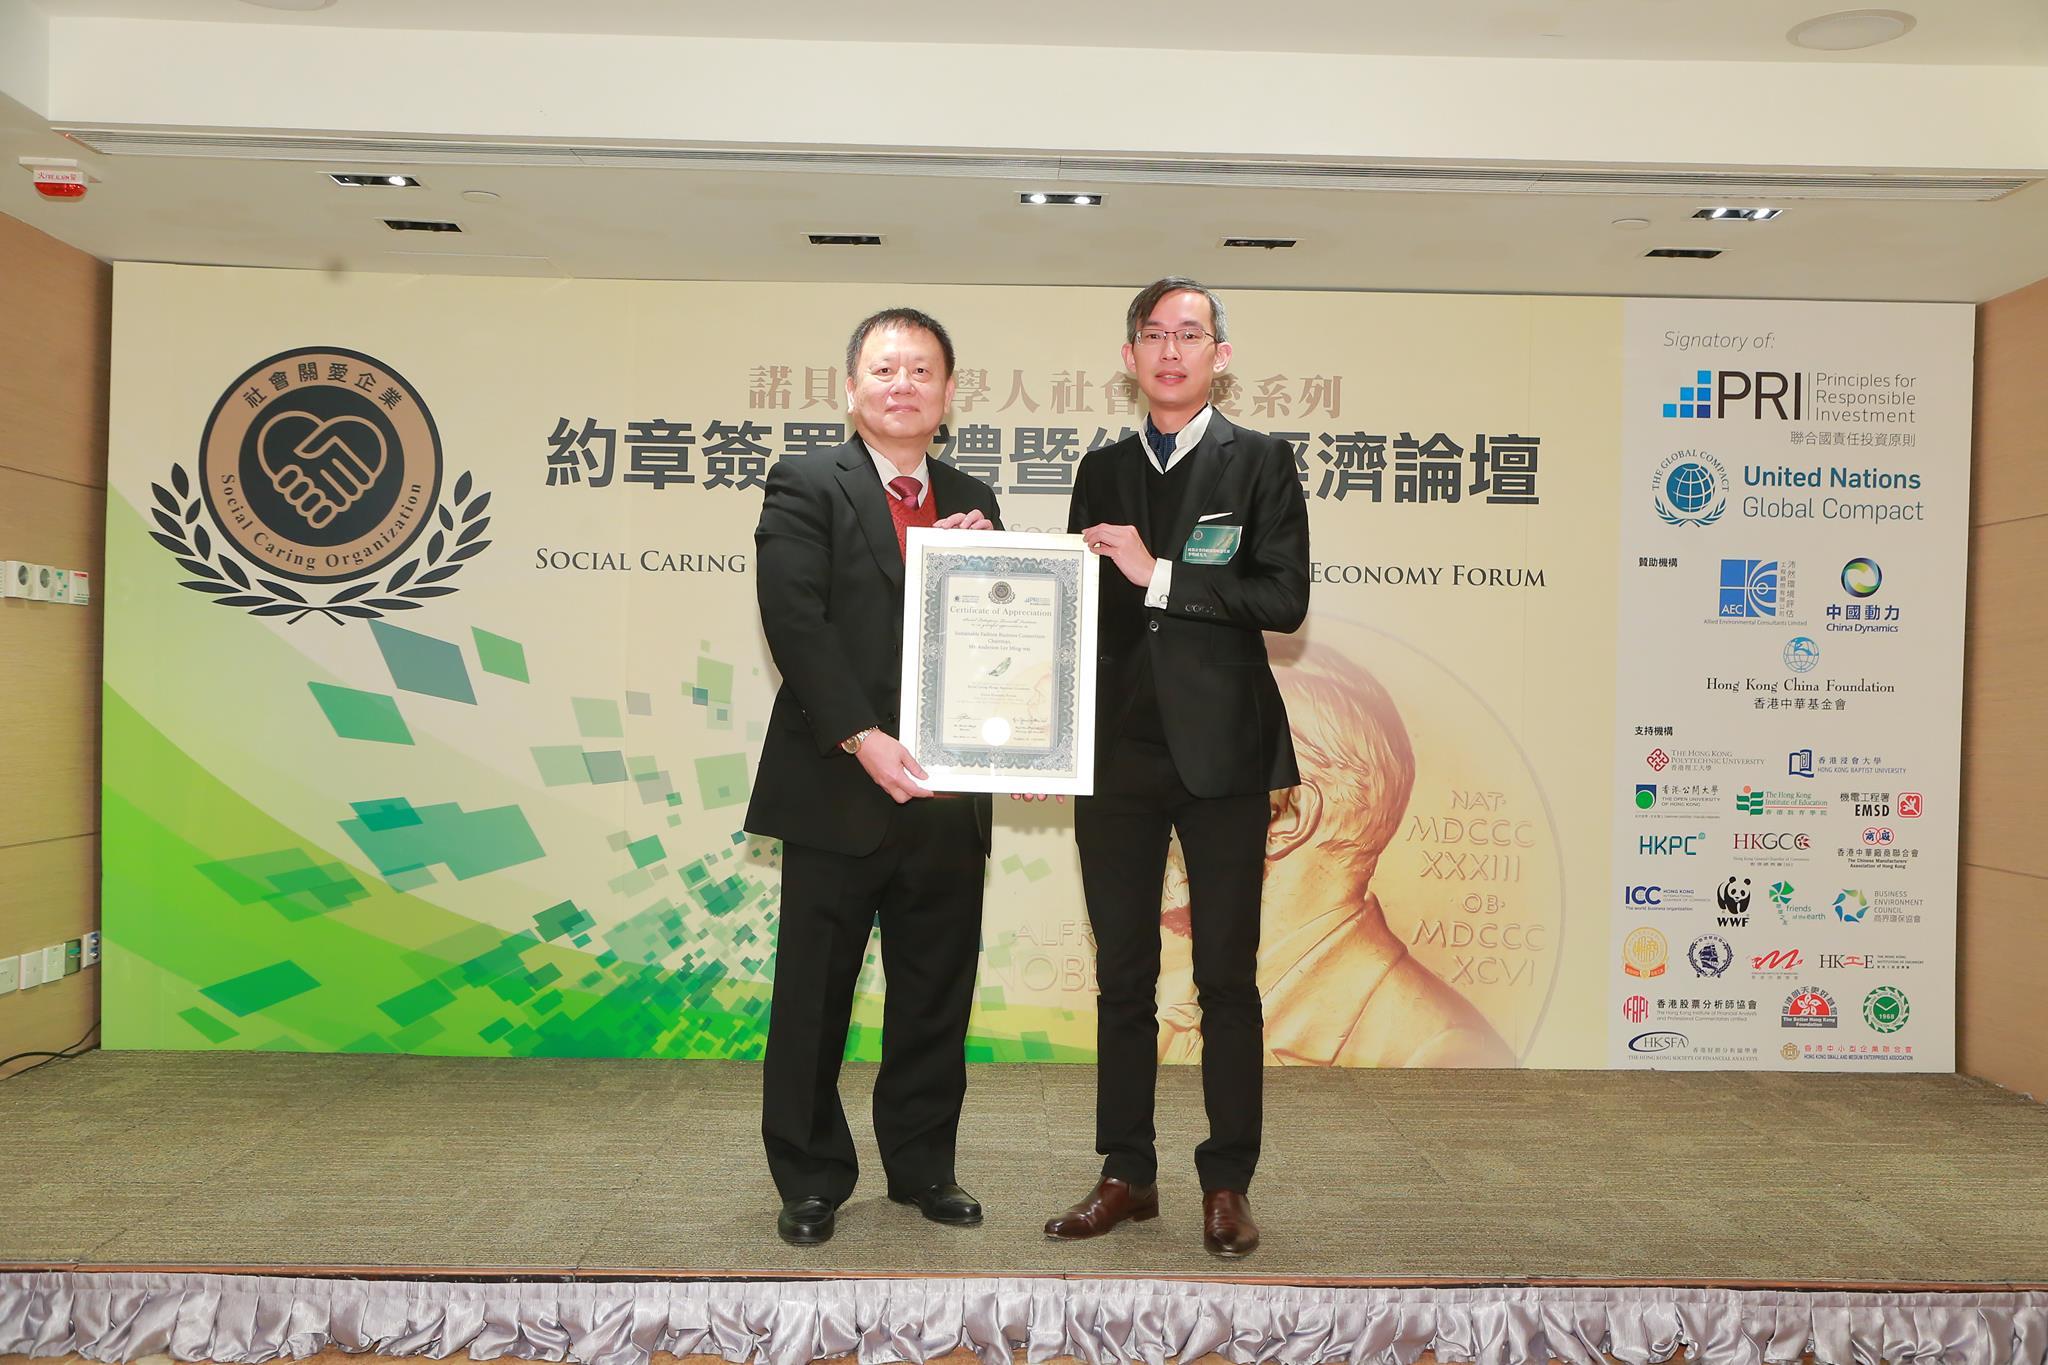 Green Economy Forum 36